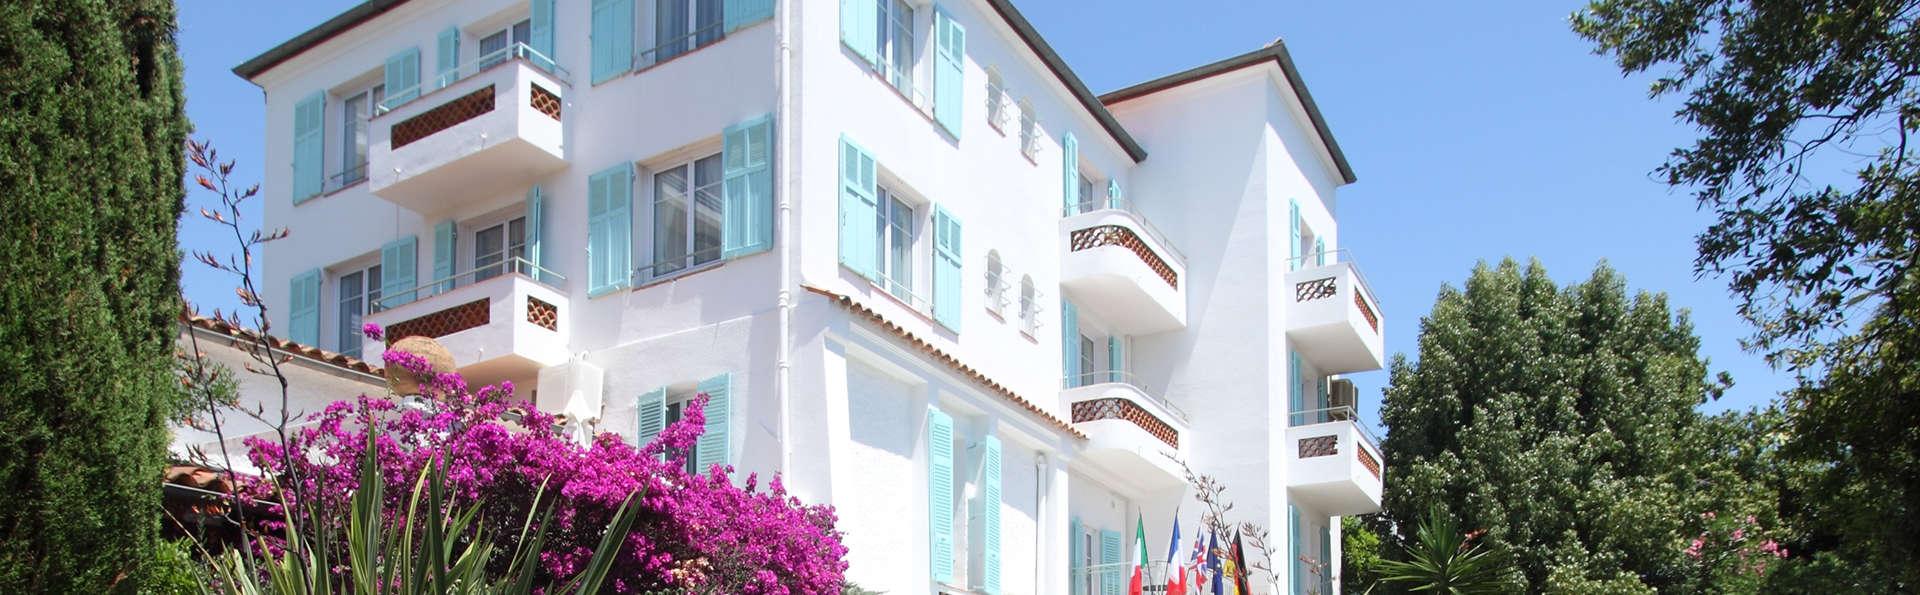 Hôtel Le Pré Catelan - Edit_Front.jpg